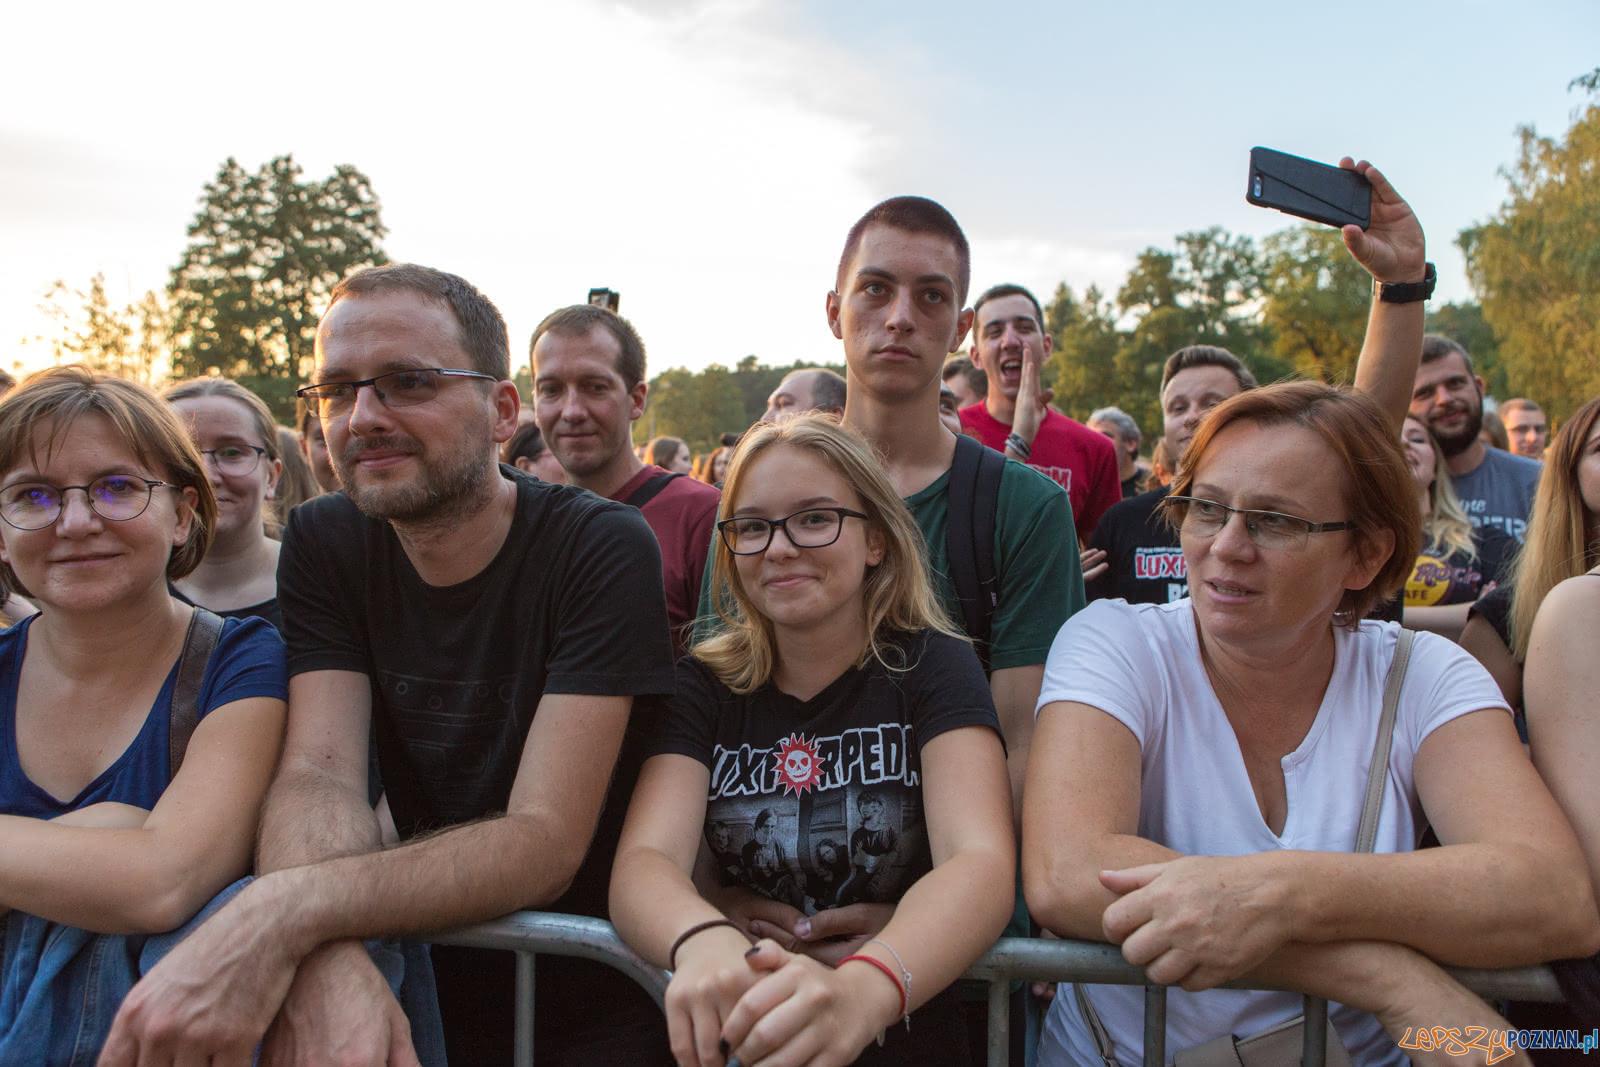 Luxtorpeda - #NaFalach - Strzeszynek Plaża - Poznań 28.07.2018  Foto: LepszyPOZNAN.pl / Paweł Rychter